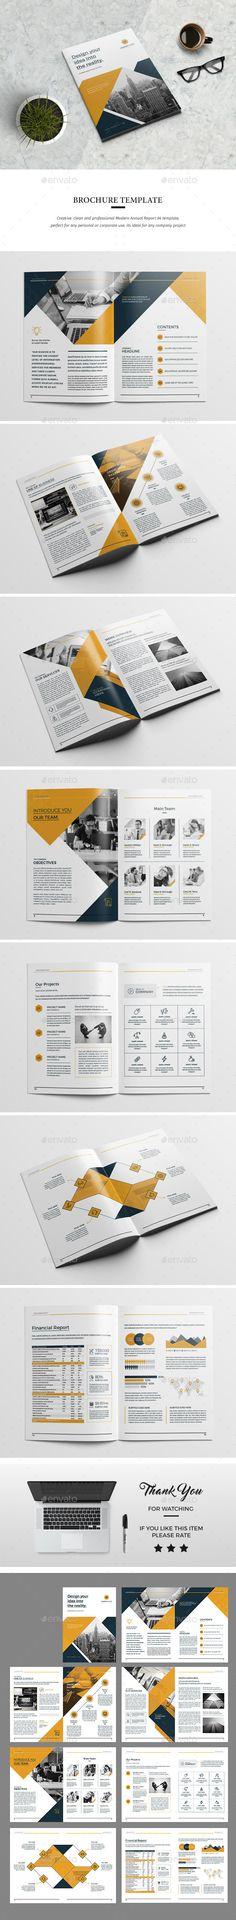 #Brochure - Corporate Brochures Download here: https://graphicriver.net/item/brochure/19310866?ref=alena994